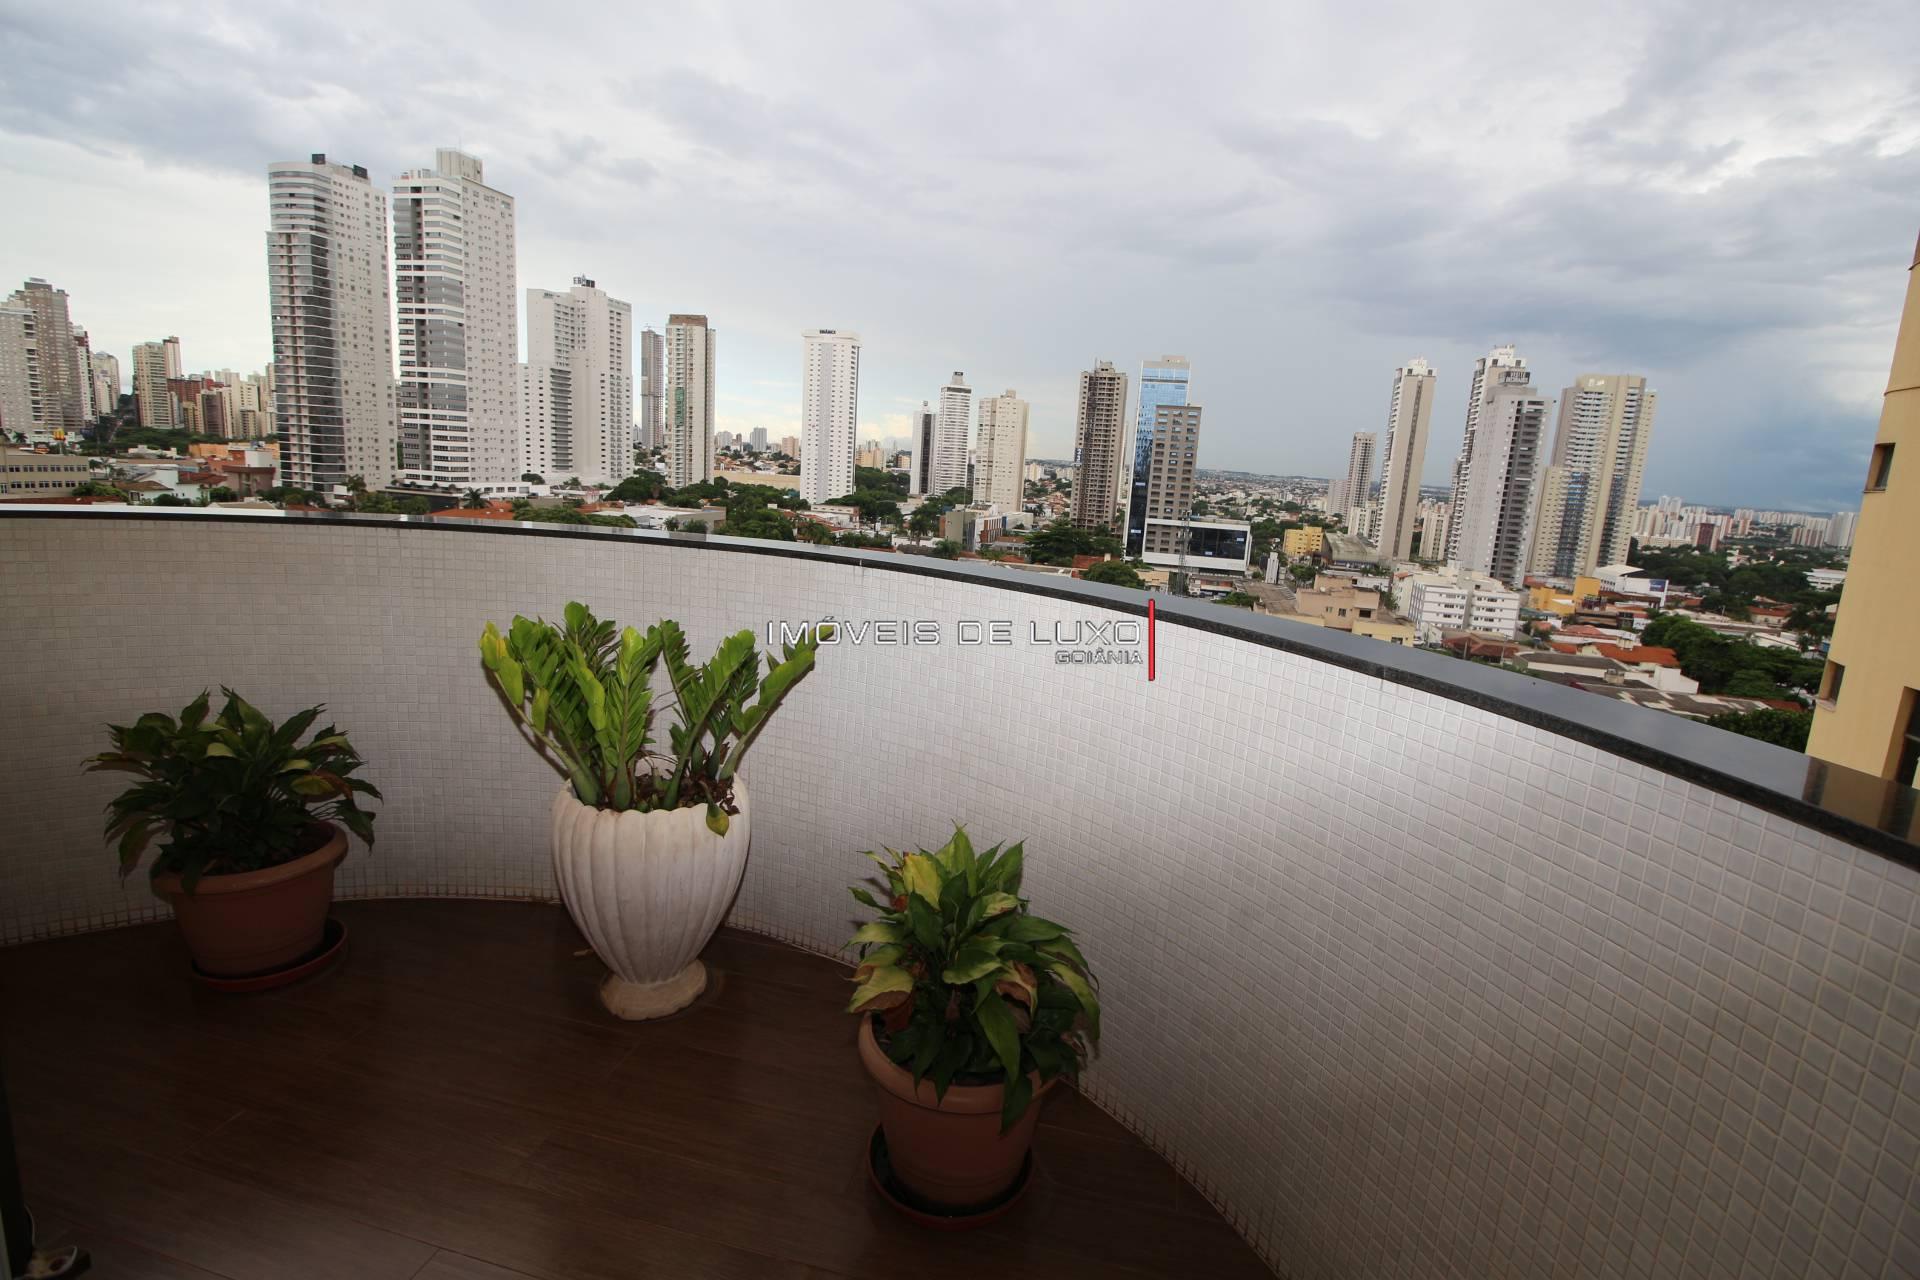 Imóveis de Luxo - Apartamento com 4 suítes ao lado da praça T 23